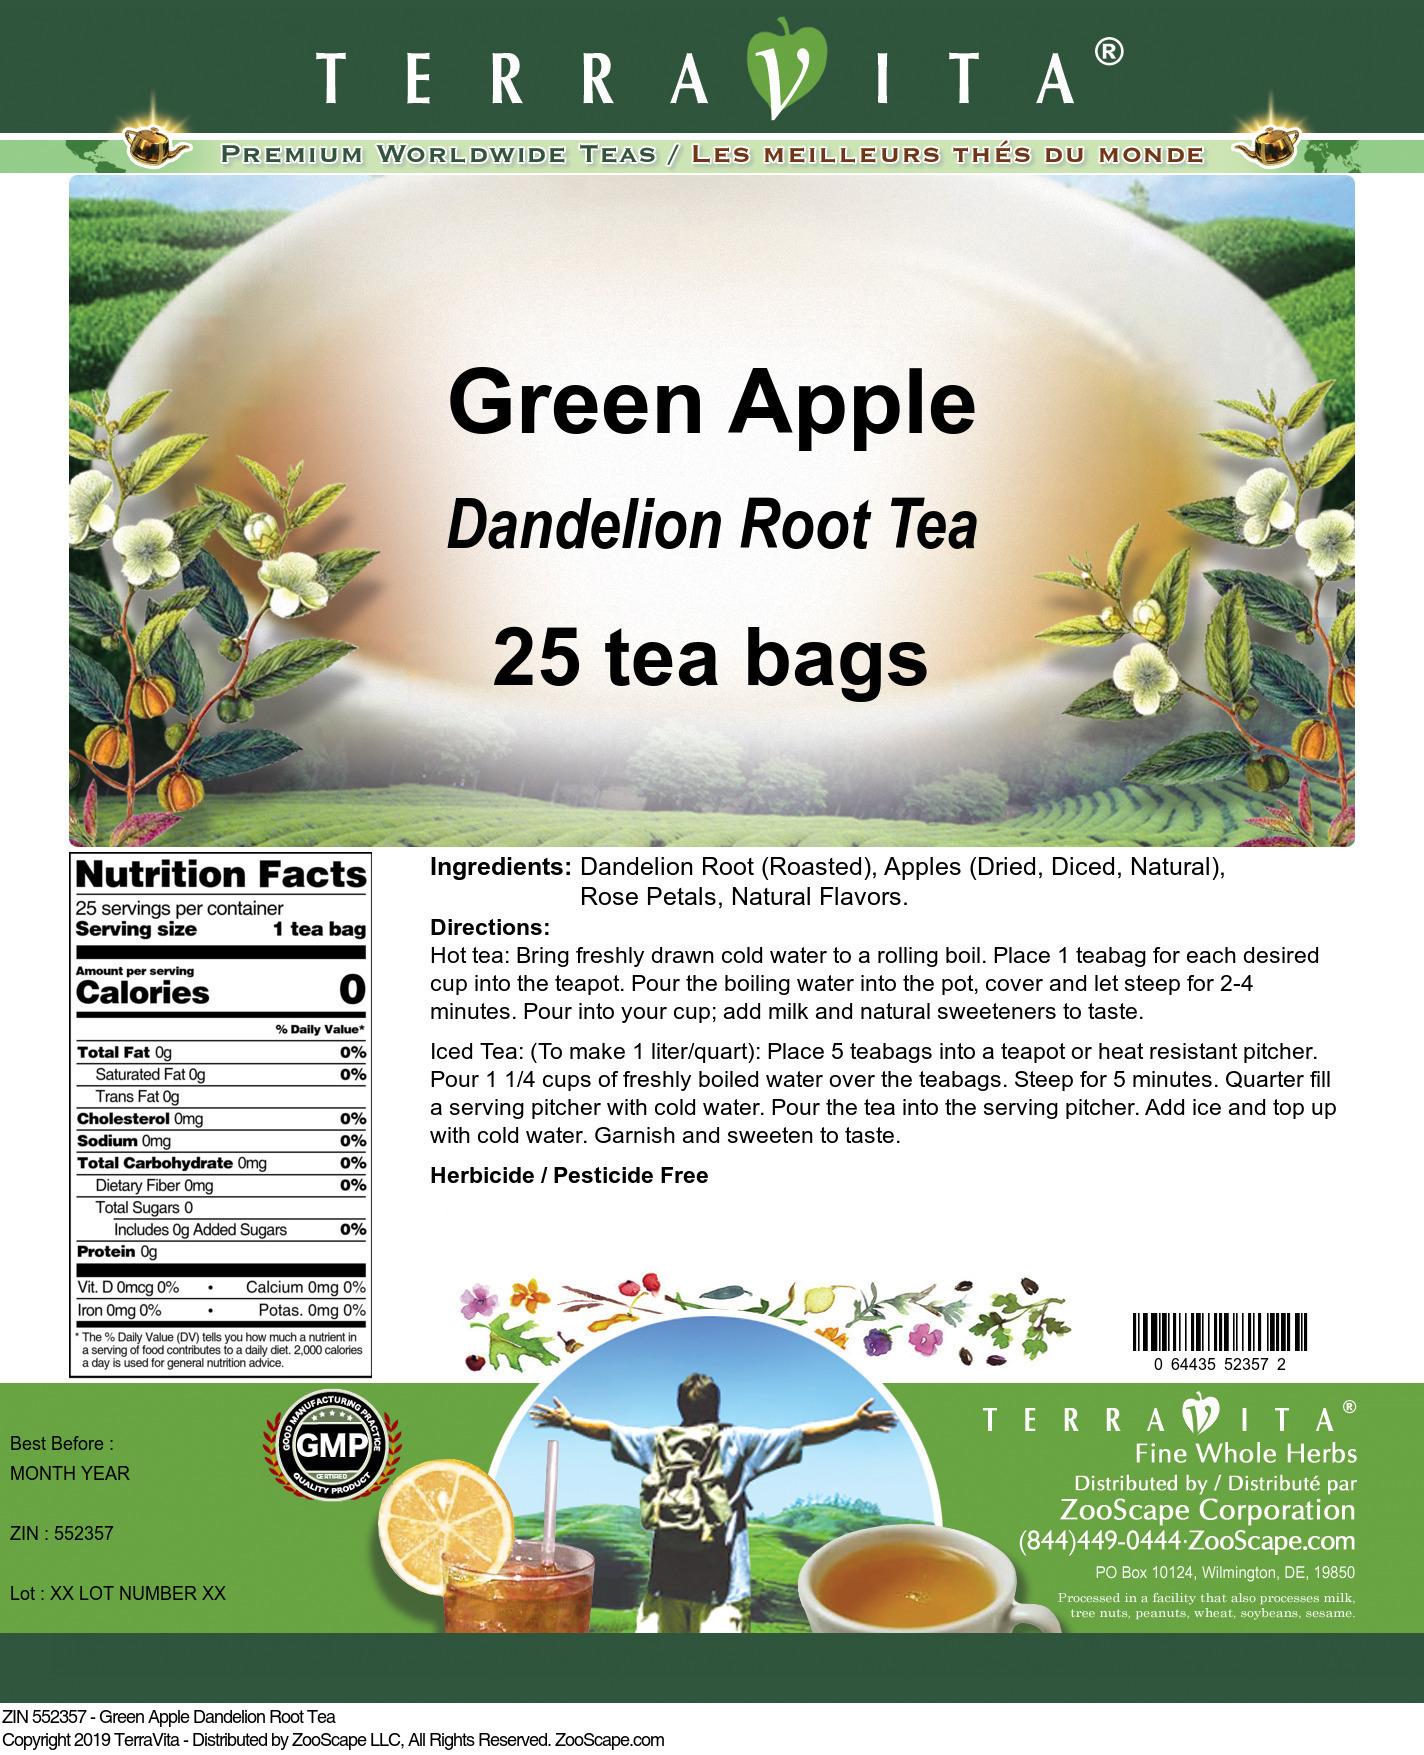 Green Apple Dandelion Root Tea